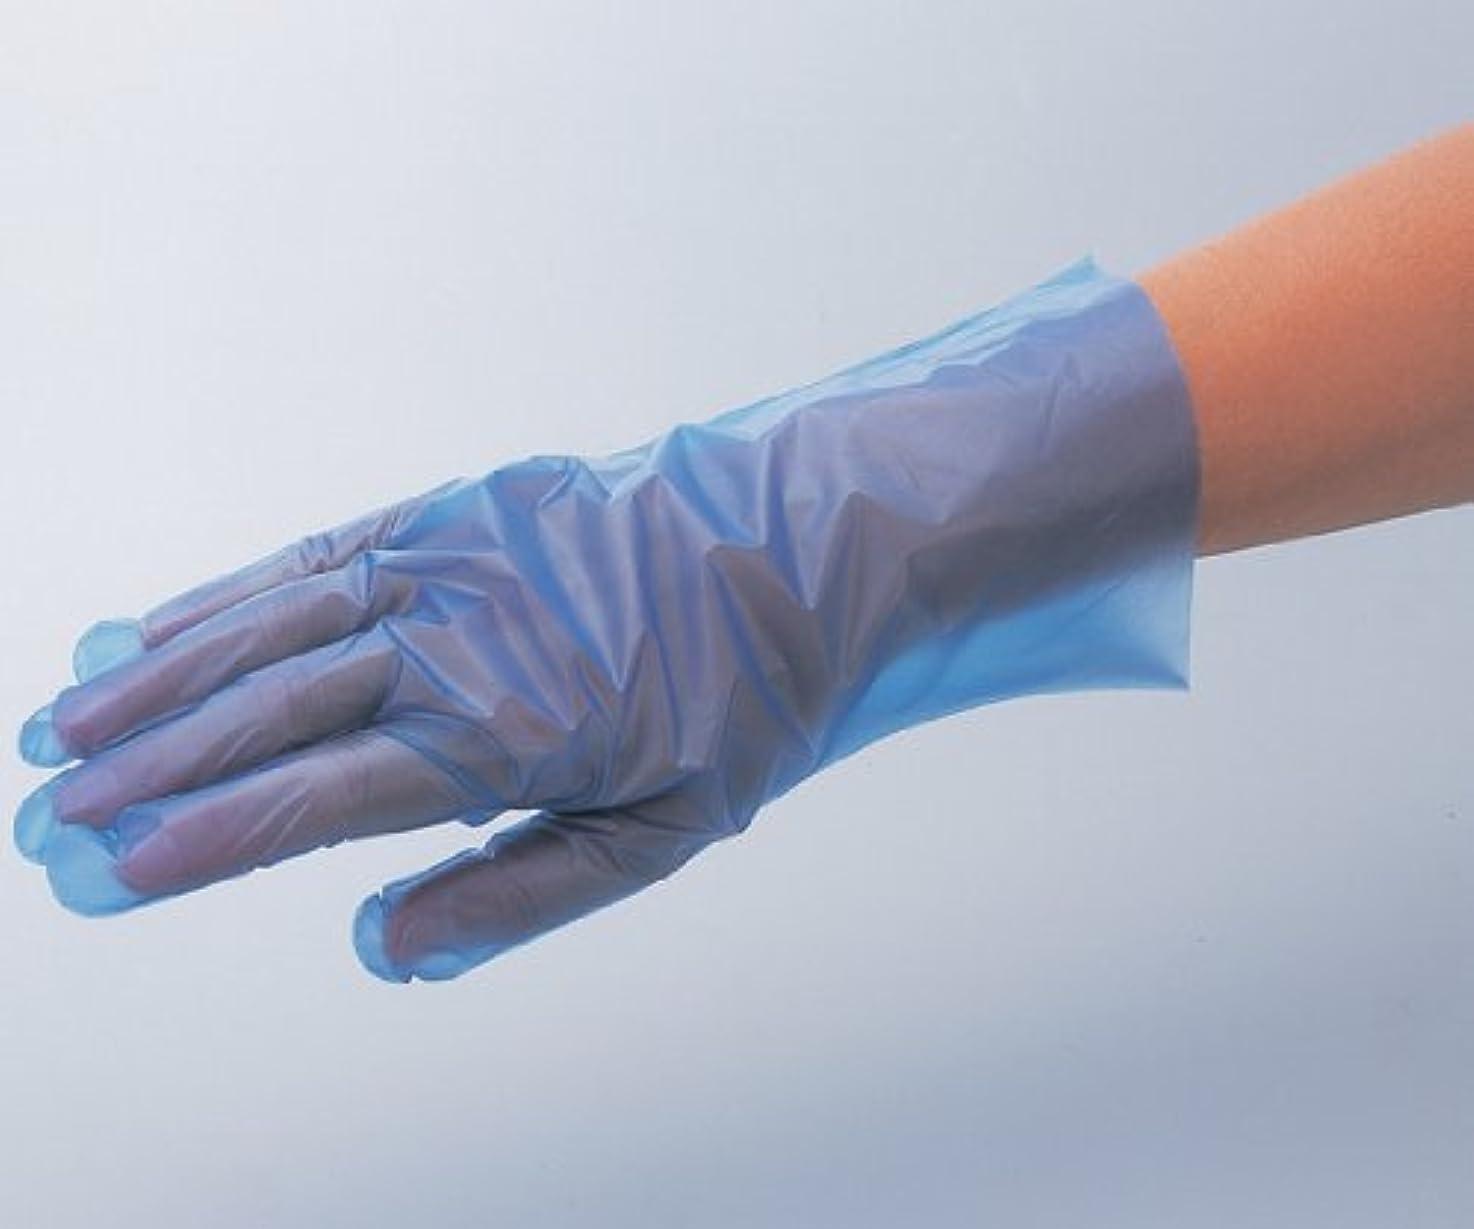 キッチンディスパッチビリーヤギアズワン6-9730-56サニーノール手袋エコロジーケース販売6000枚入Sブルー